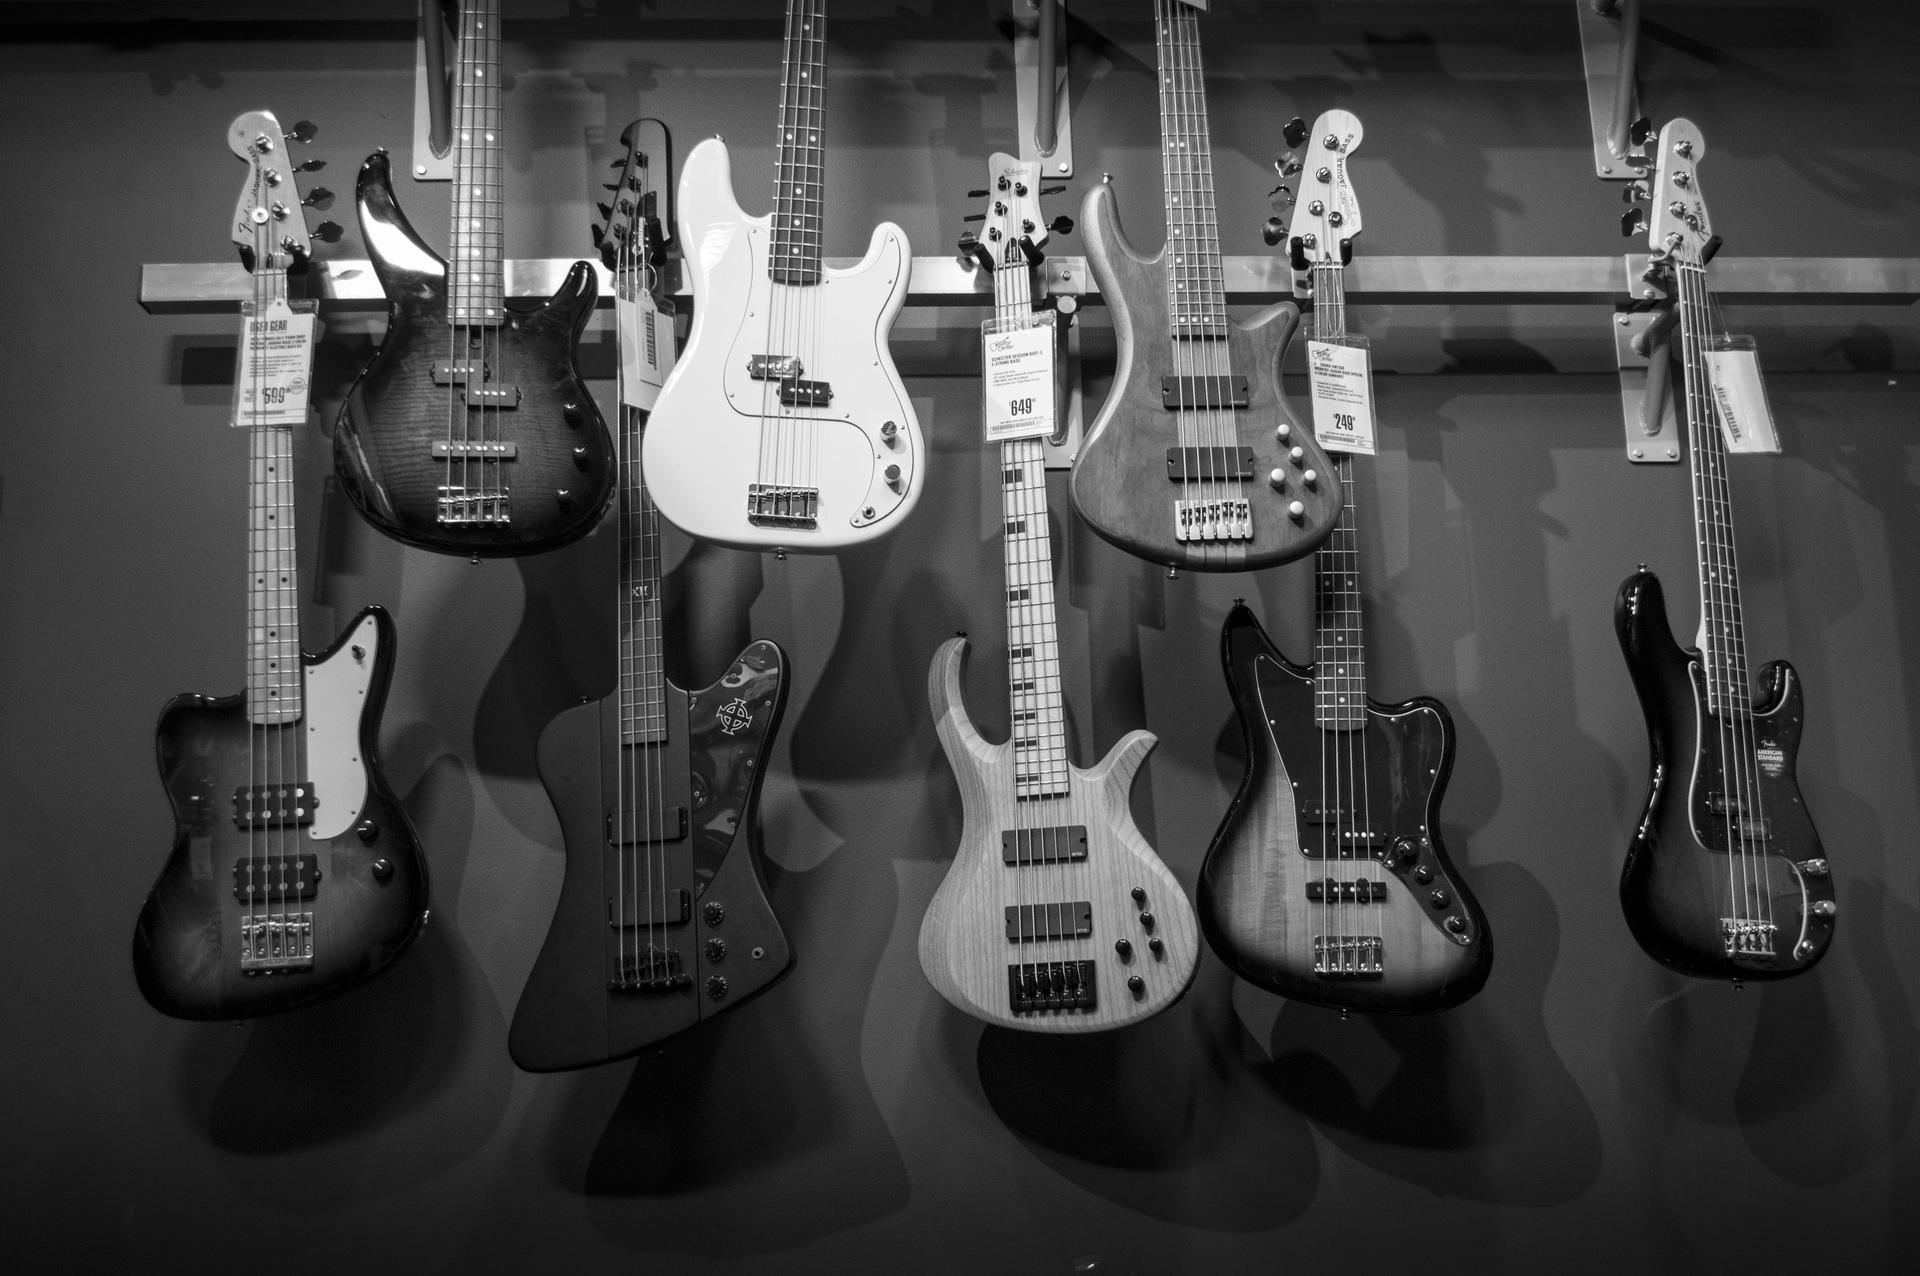 variedad de guitarras